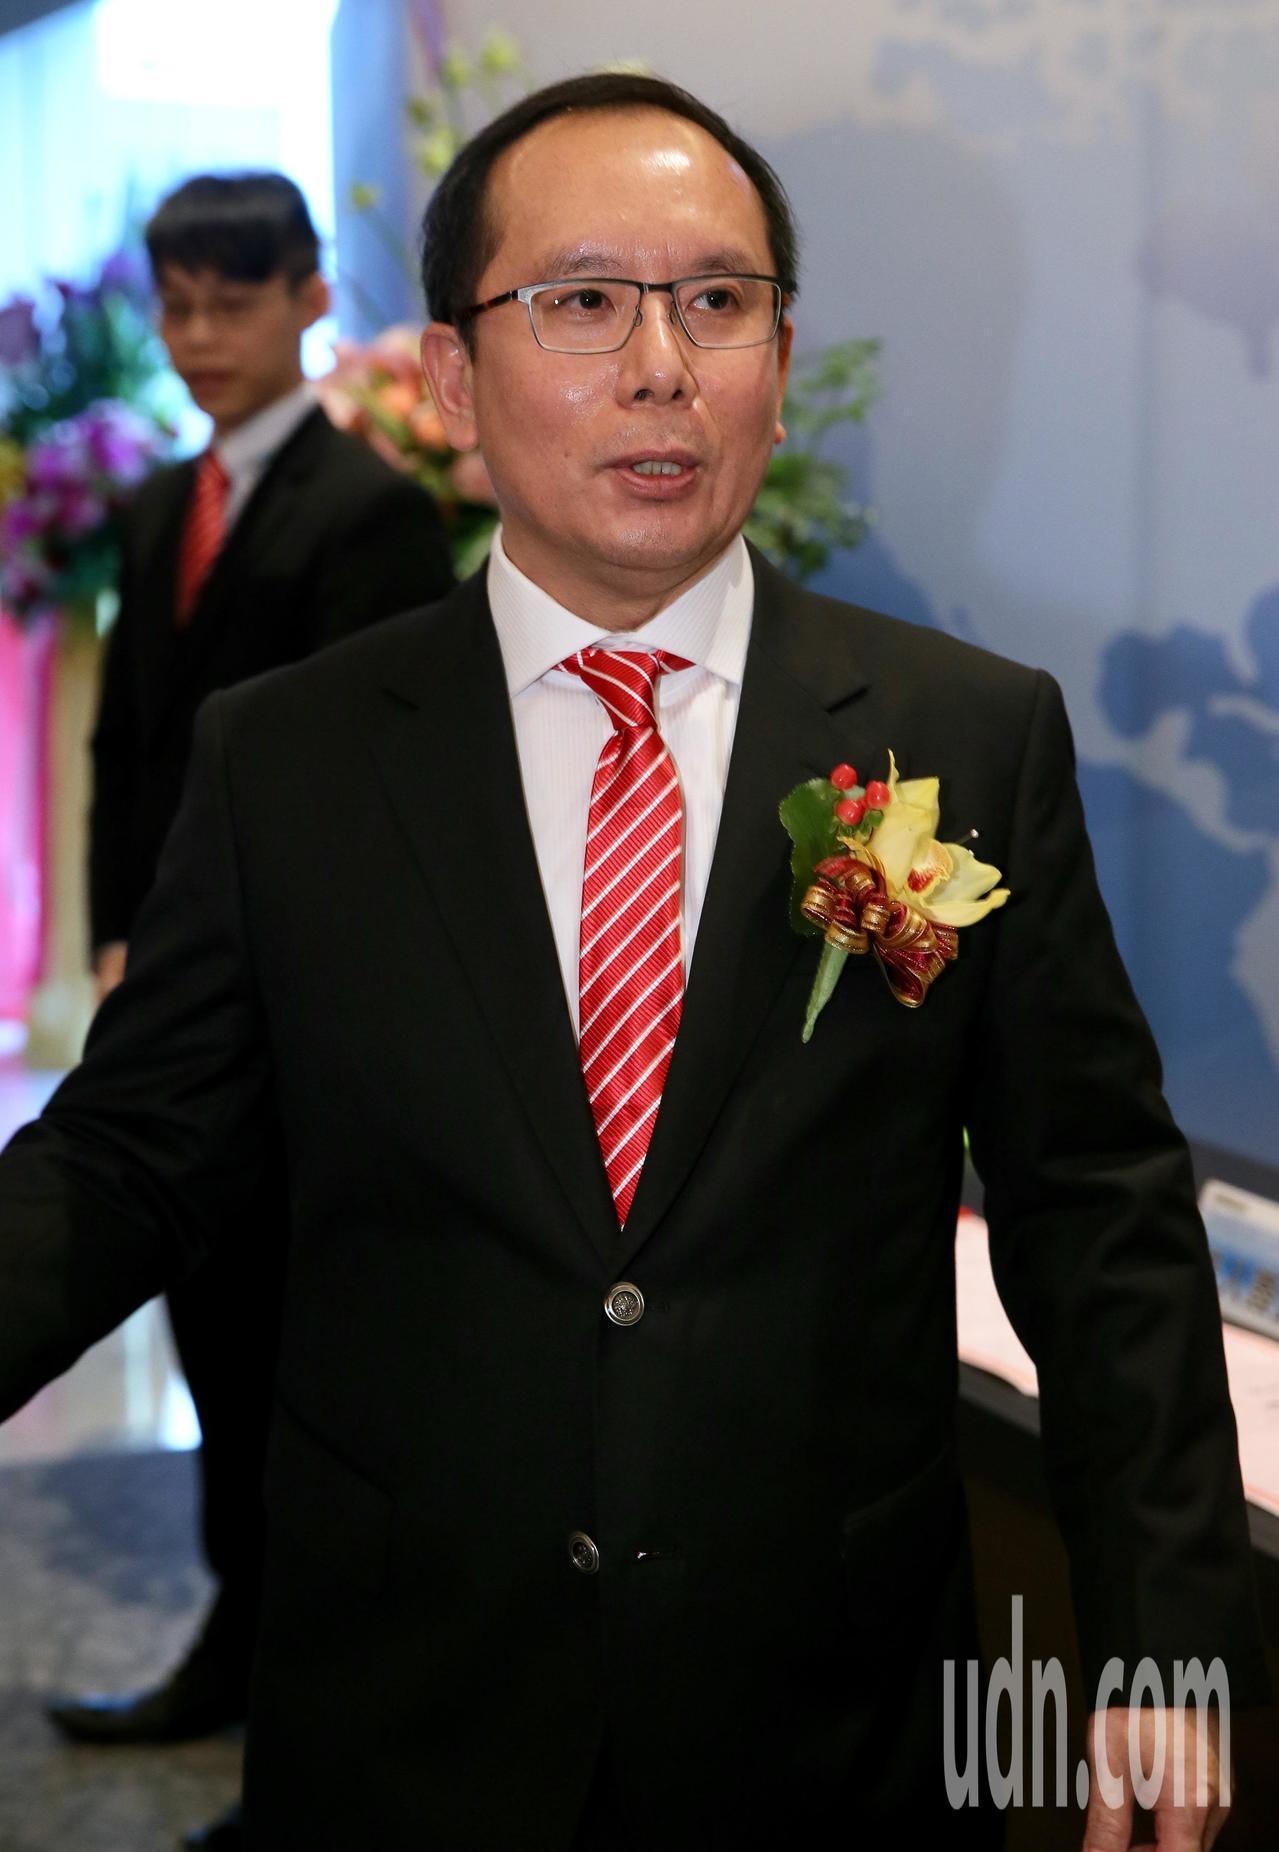 動力科技股份有限公司董事長許文昉,舉辦上市前業績發表會,他帶領著經營管理團隊,向...